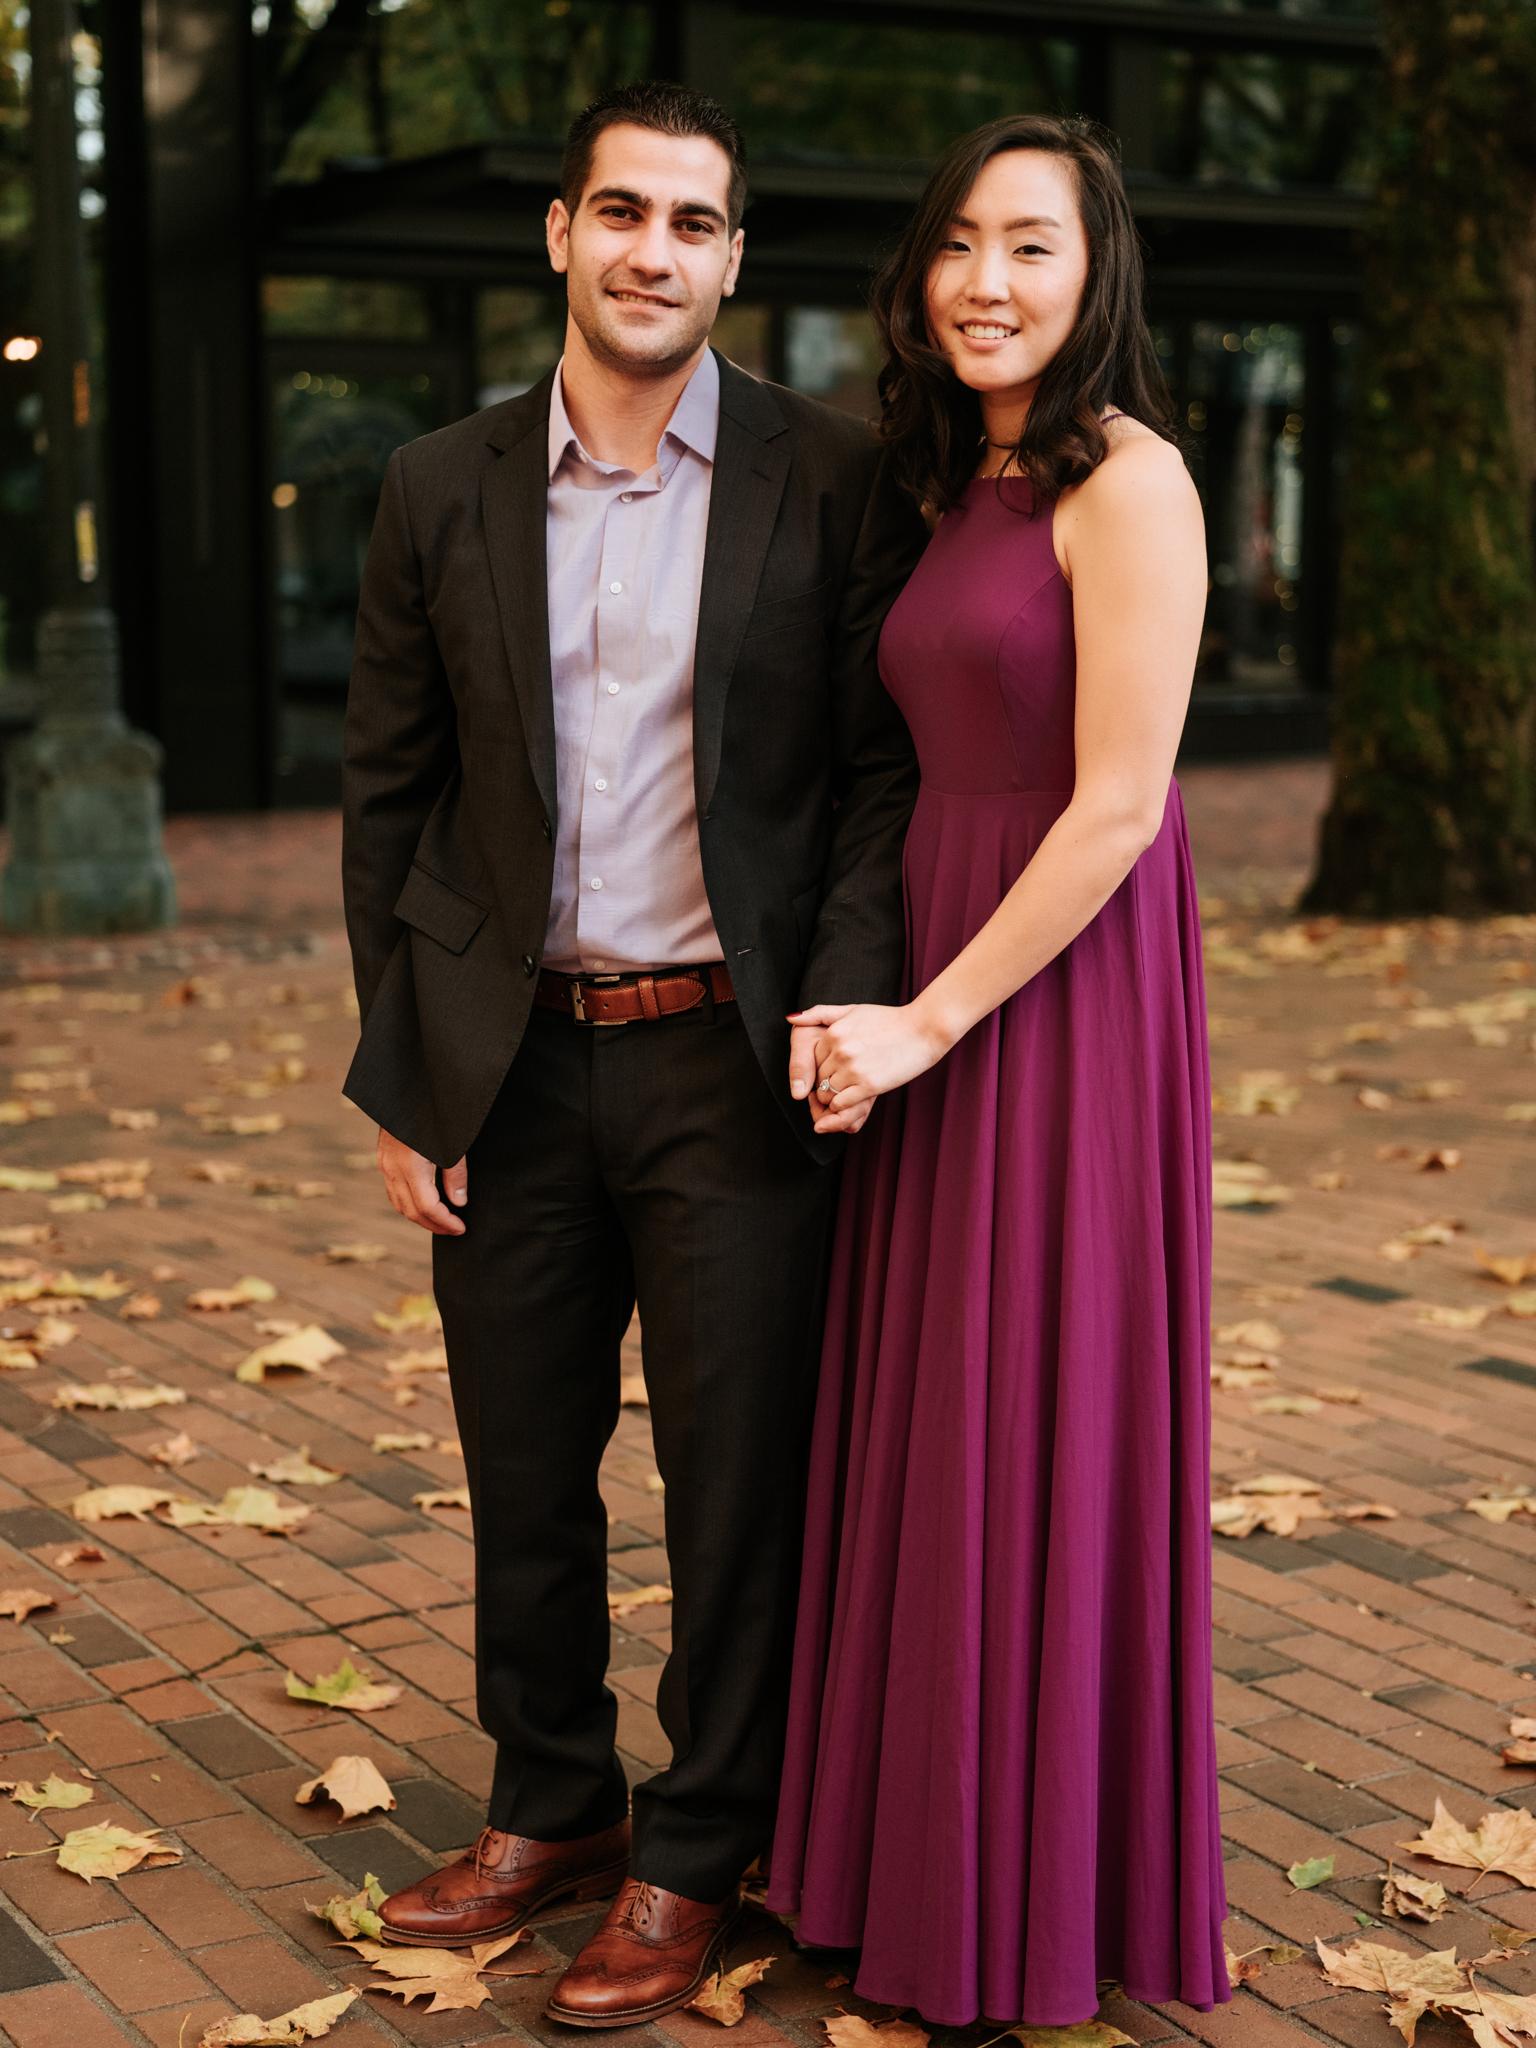 Seattle Engagement Photographer_Stolen Glimpses 17.jpg